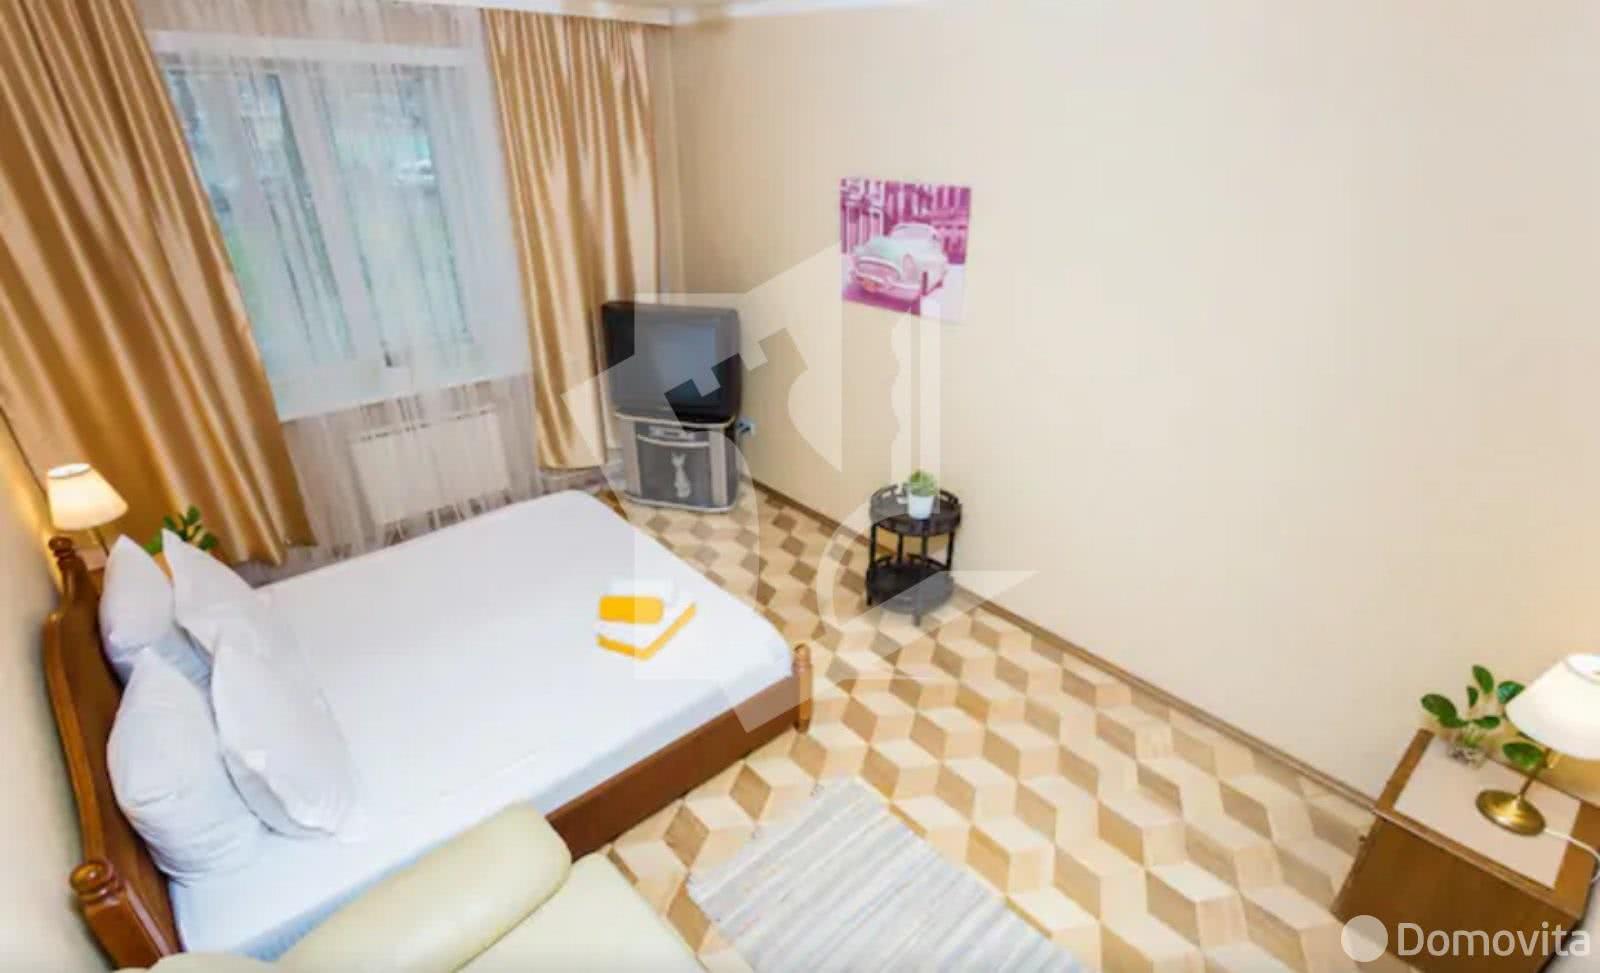 Аренда 1-комнатной квартиры в Минске, ул. Ленина, д. 3 - фото 6